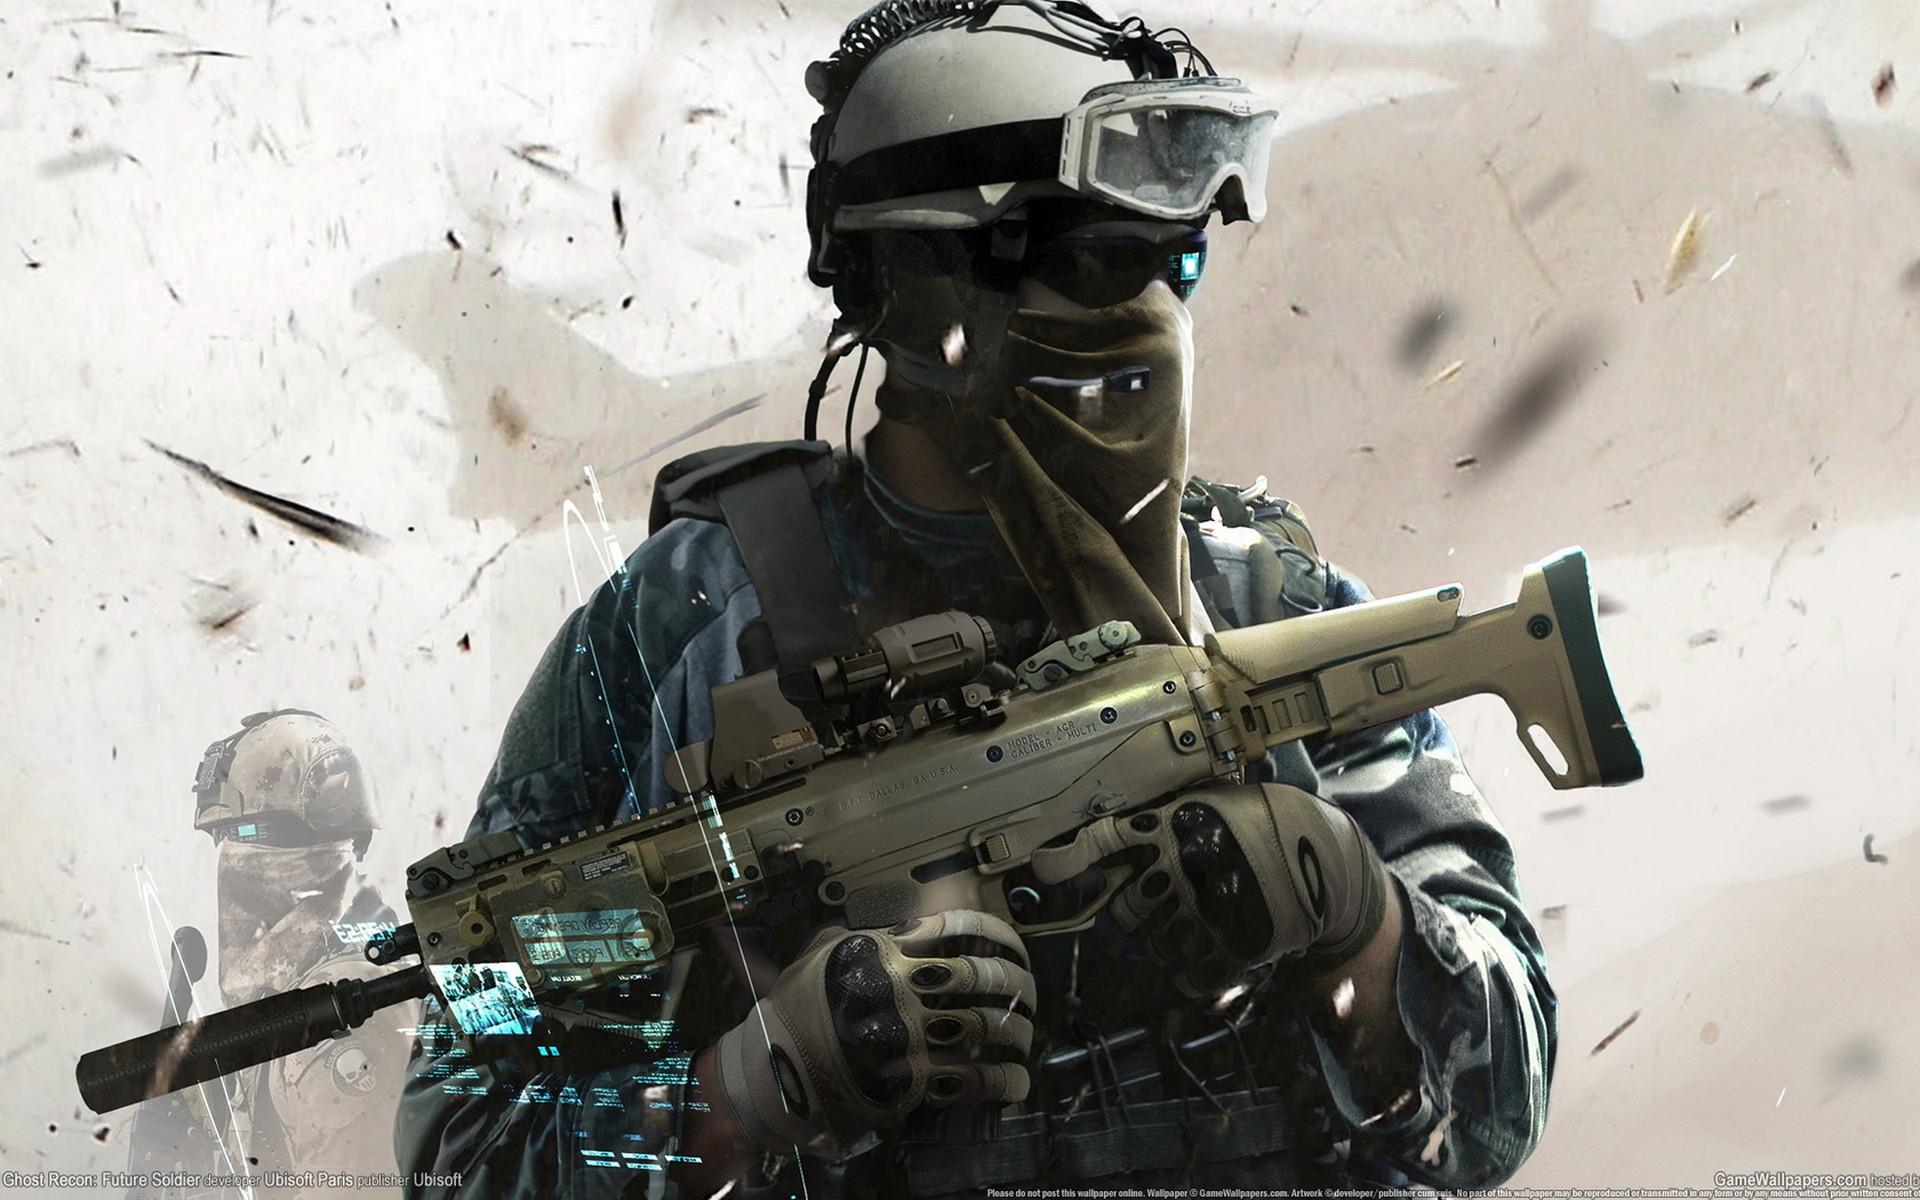 Download wallpaper: wallpapers for desktop, american soldier .